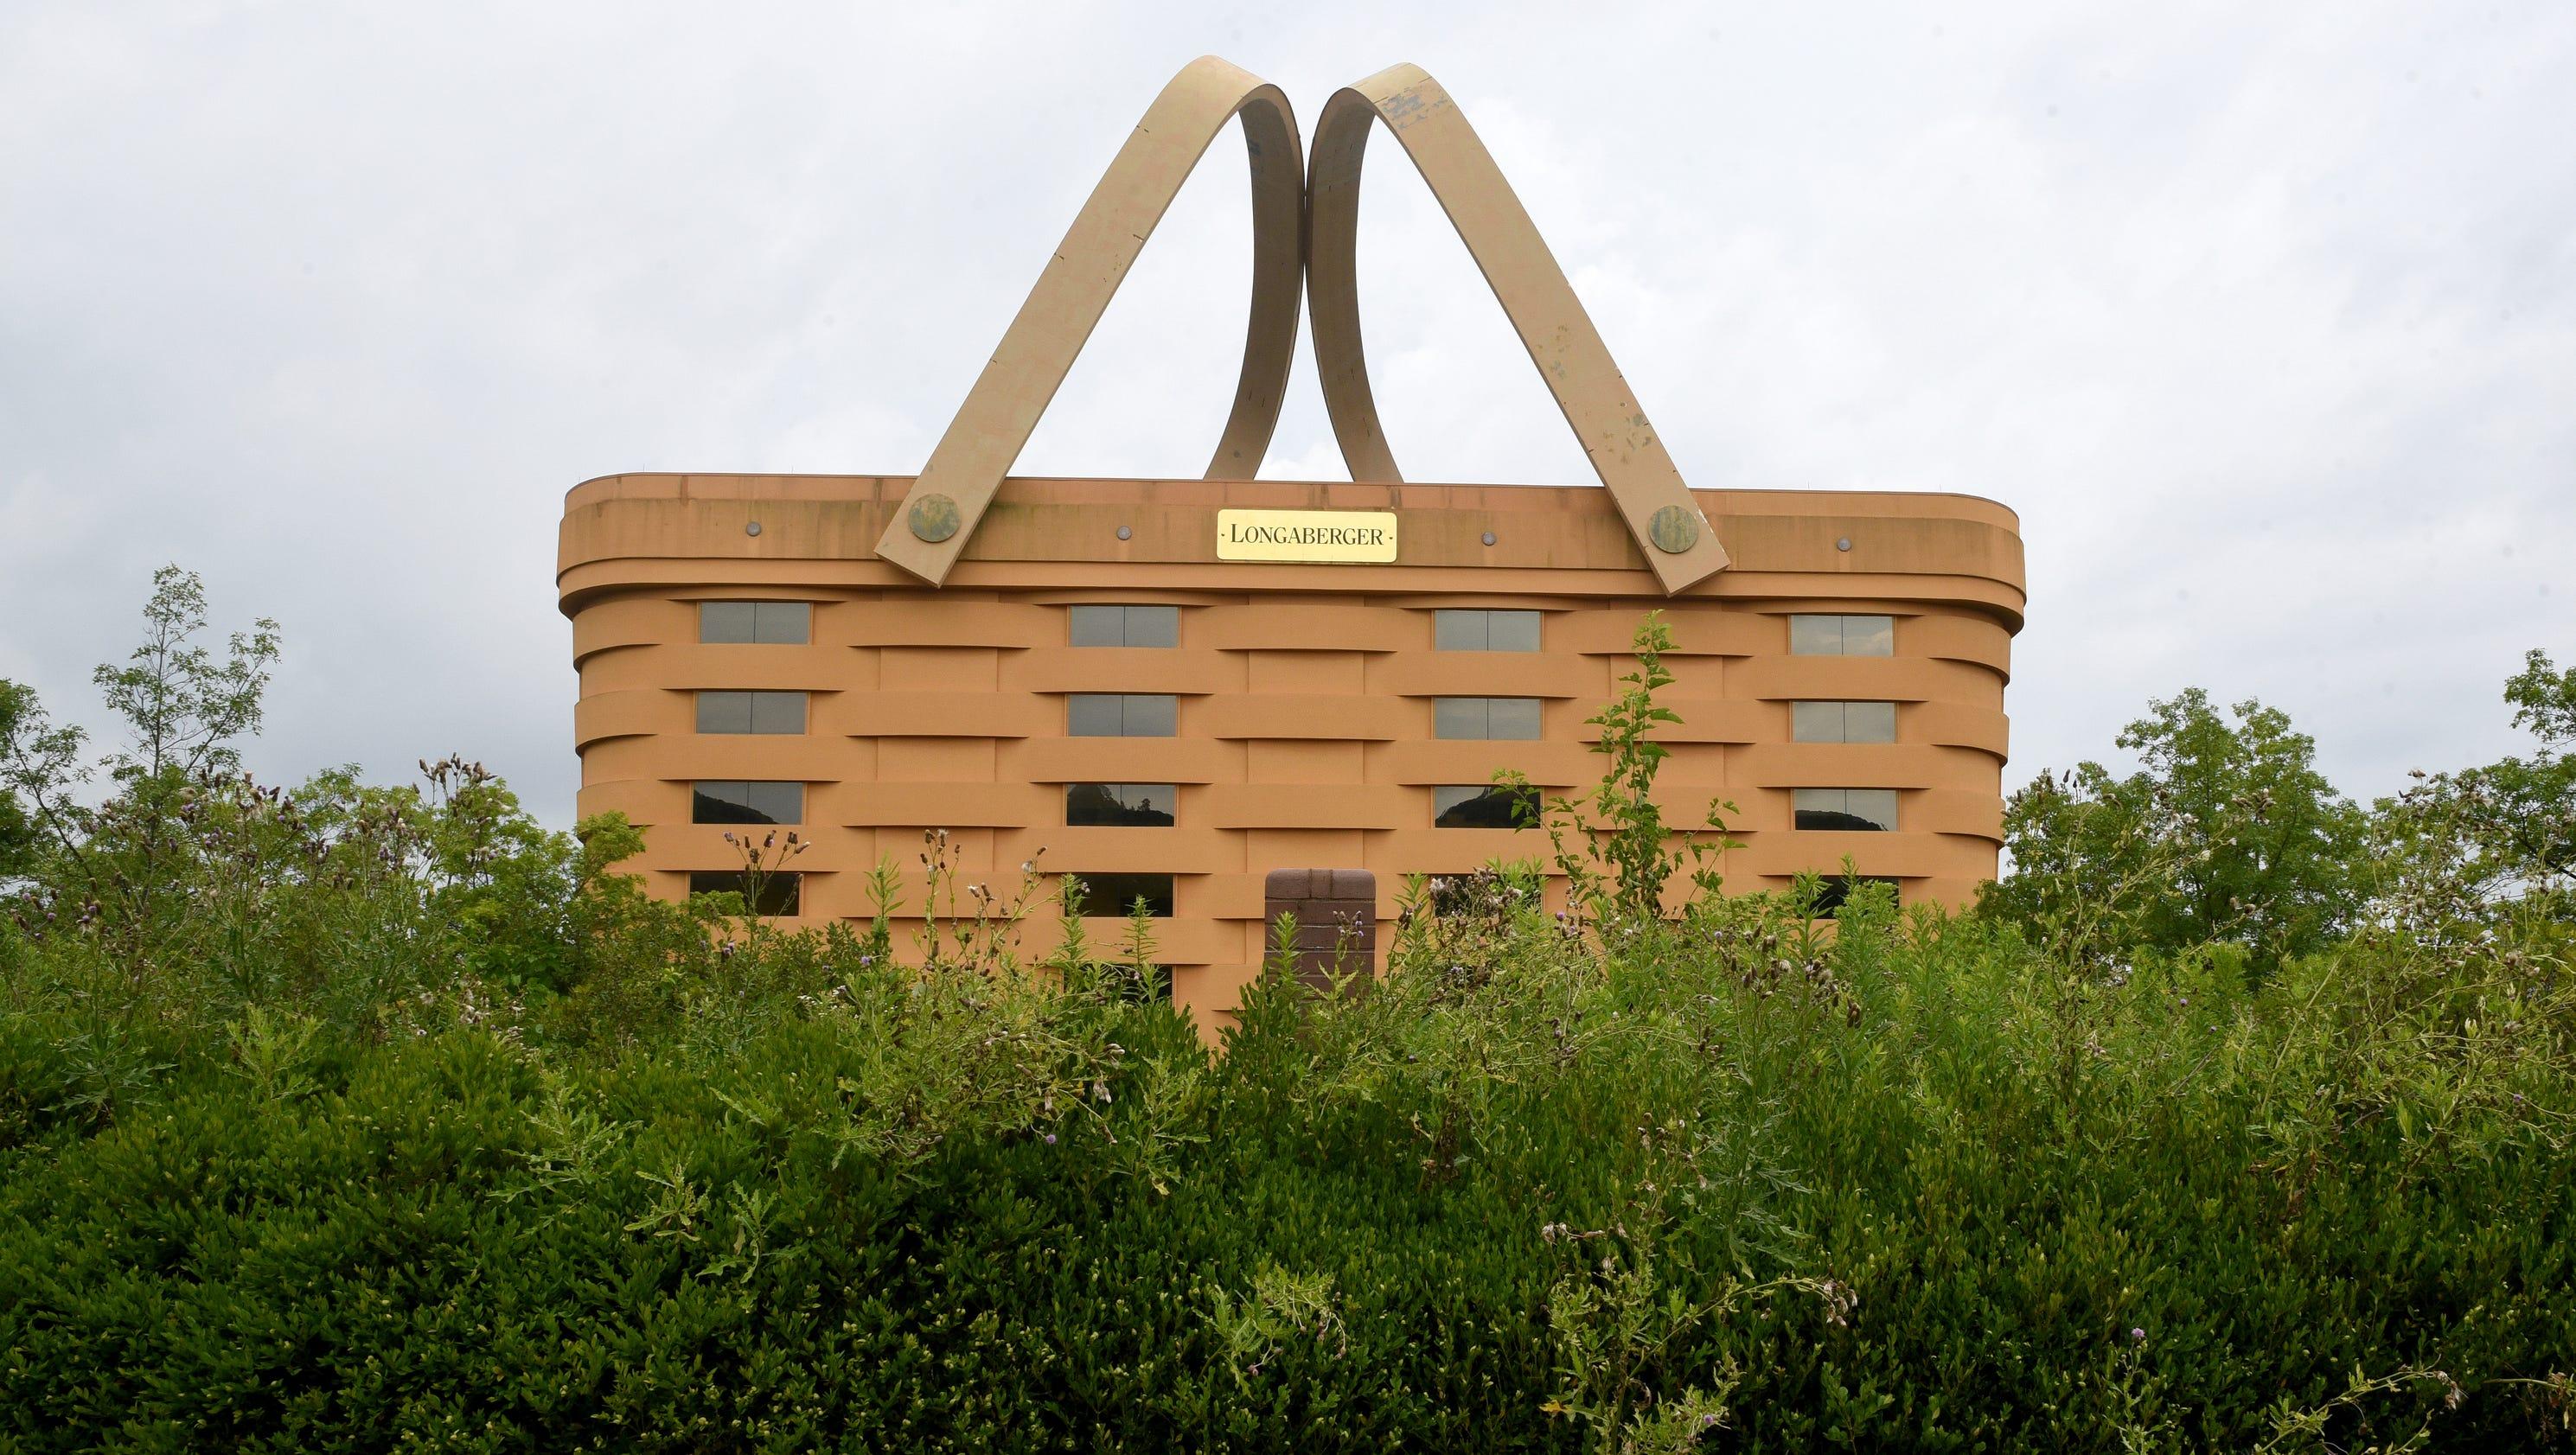 Longaberger basket building for sale longaberger basket Longaberger basket building for sale